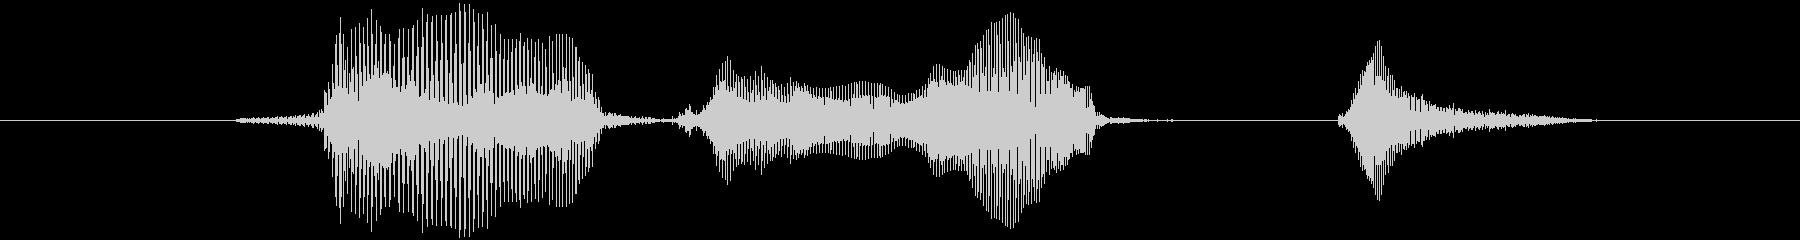 バージョンアップ!の未再生の波形